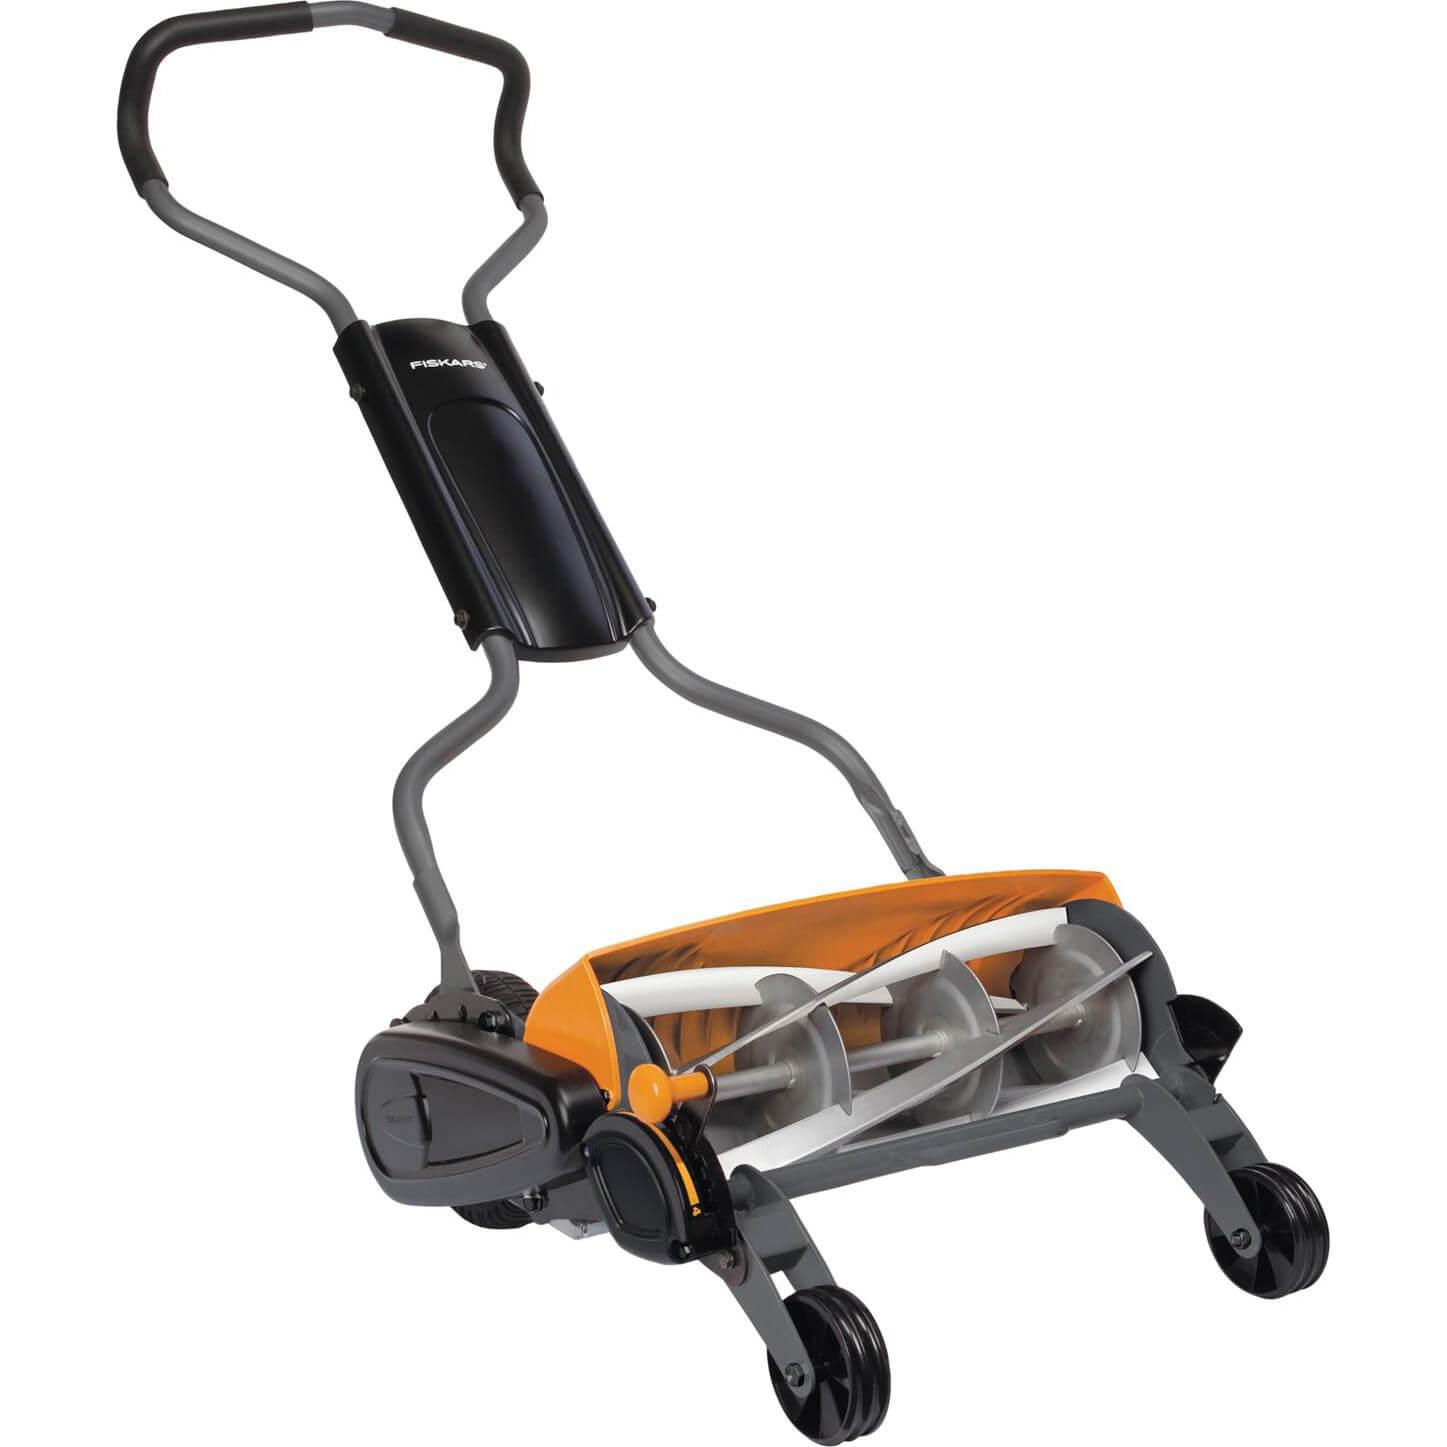 Fiskars StaySharp Max Reel Hand Lawn Mower